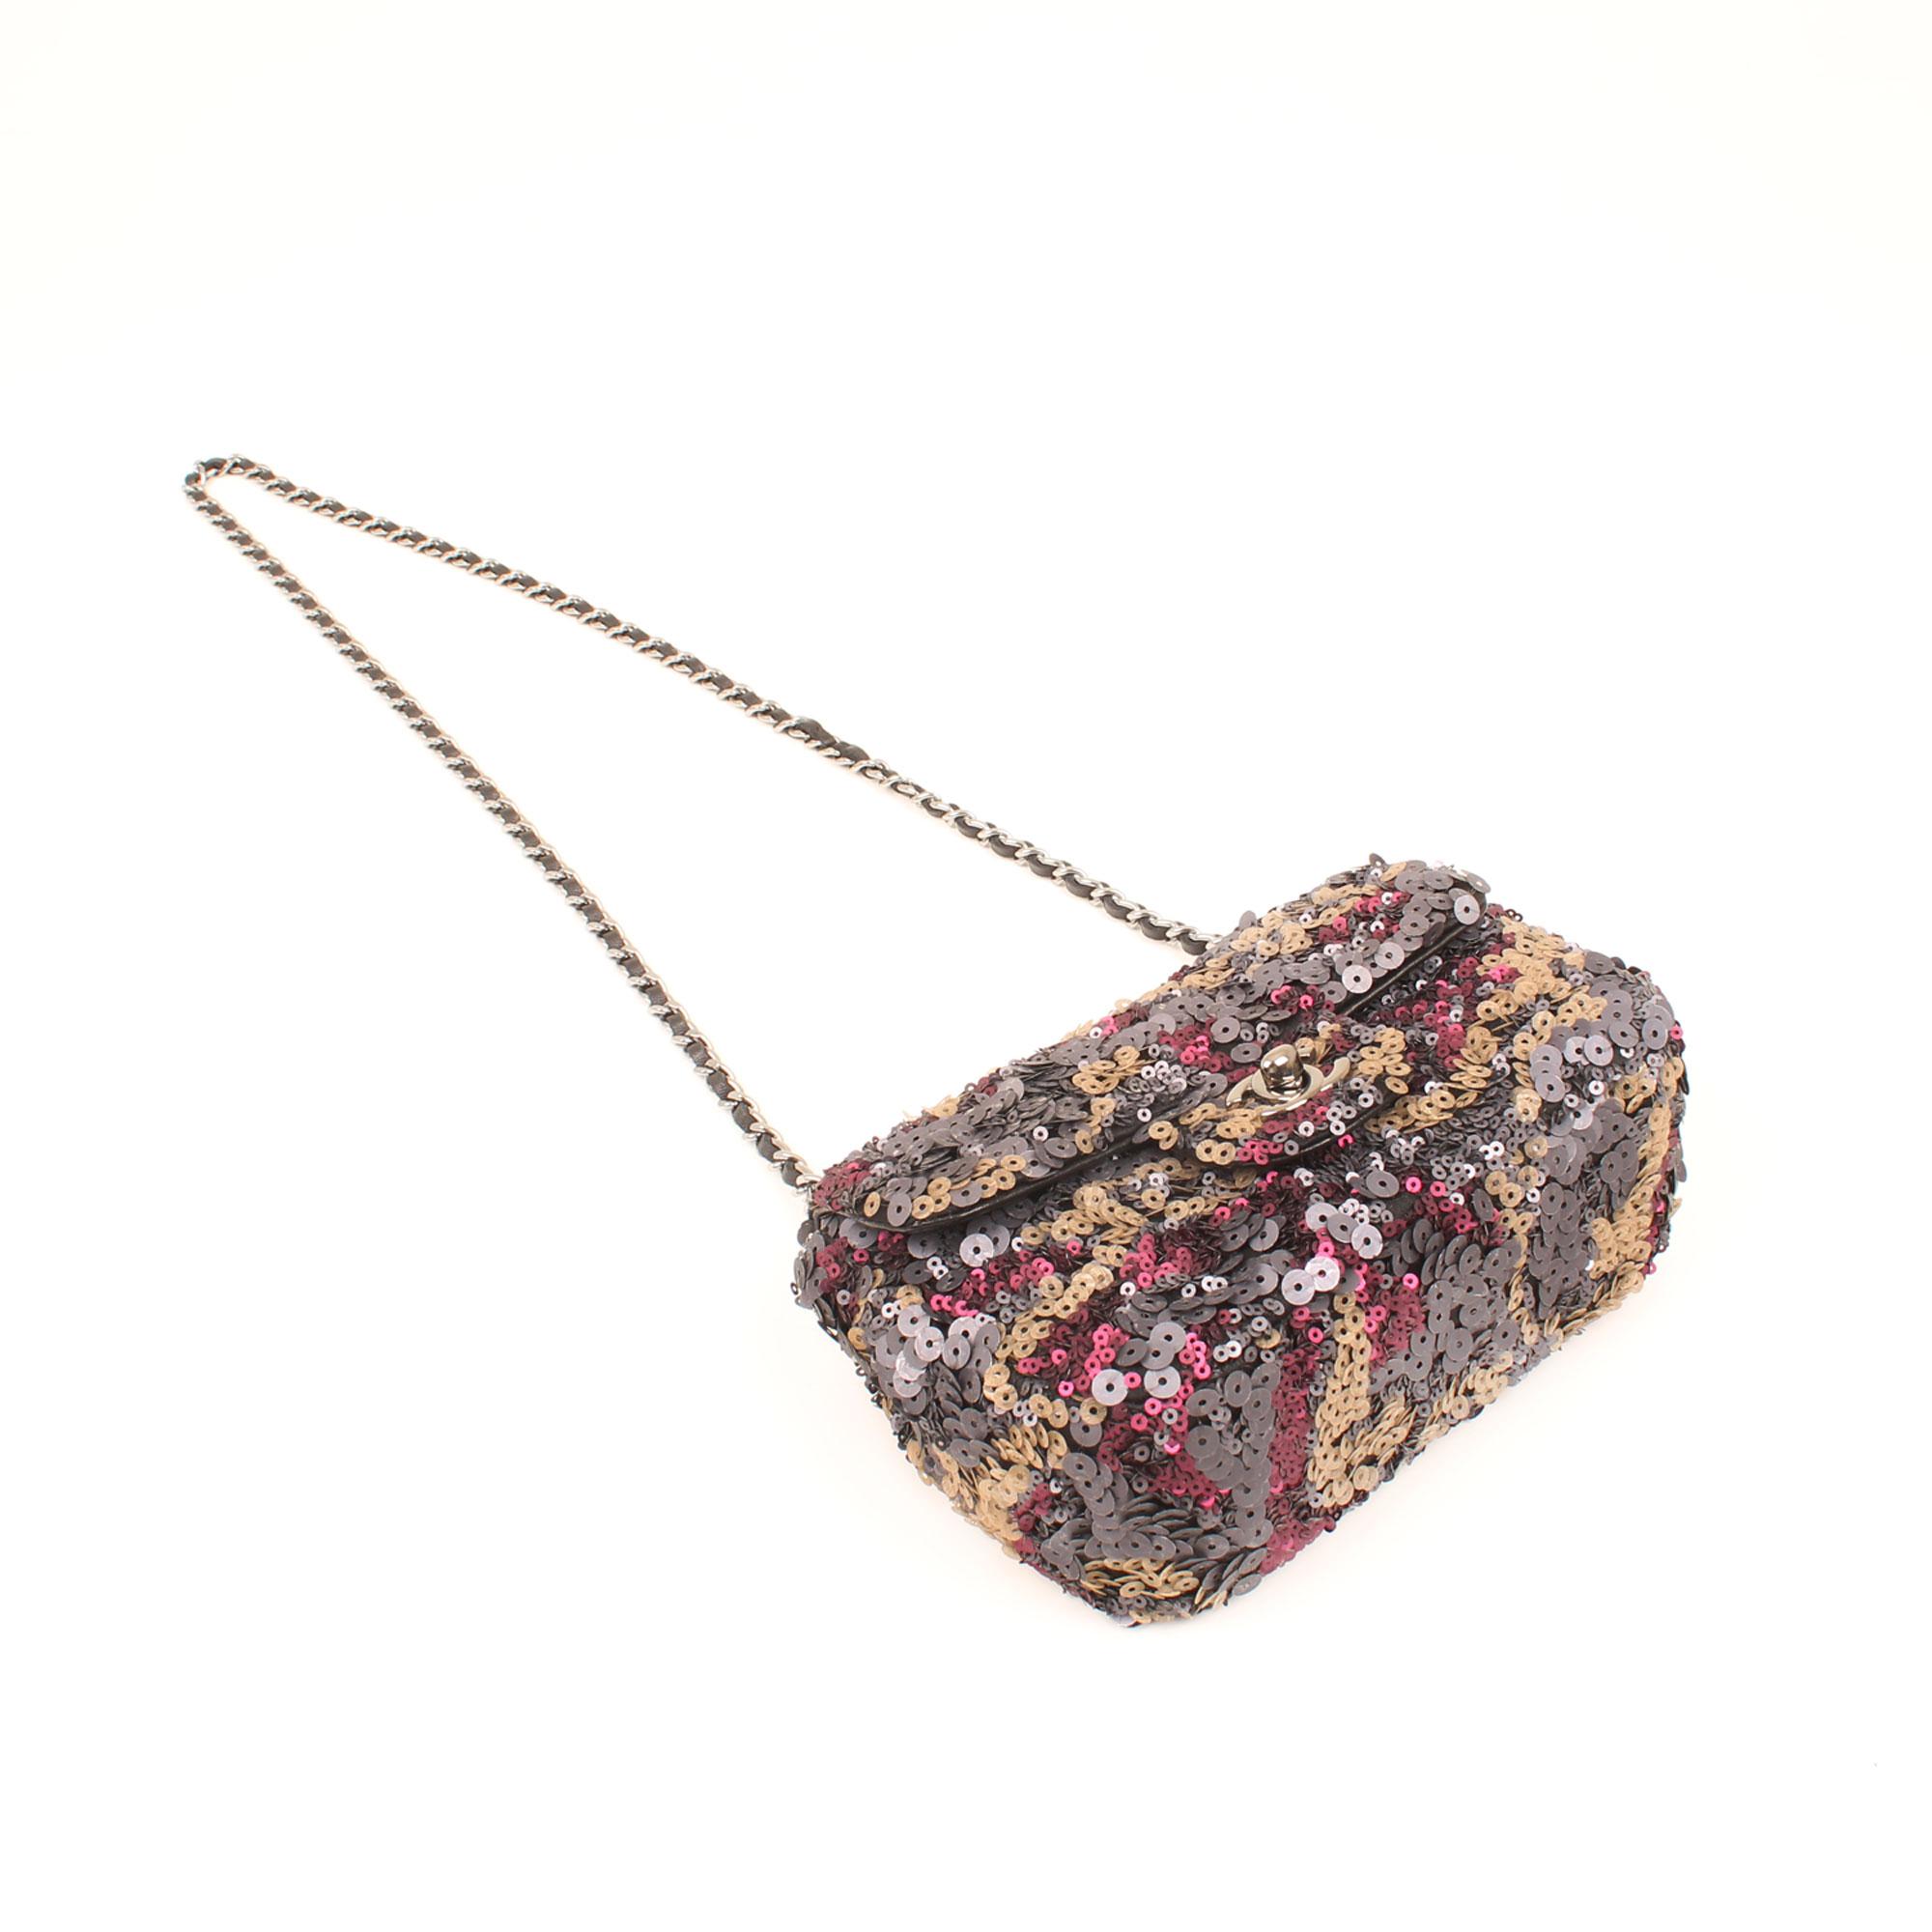 2c82ba838af1 Chanel Mini Classic Flap Bag Sequins Metallic Multicolor I CBL Bags